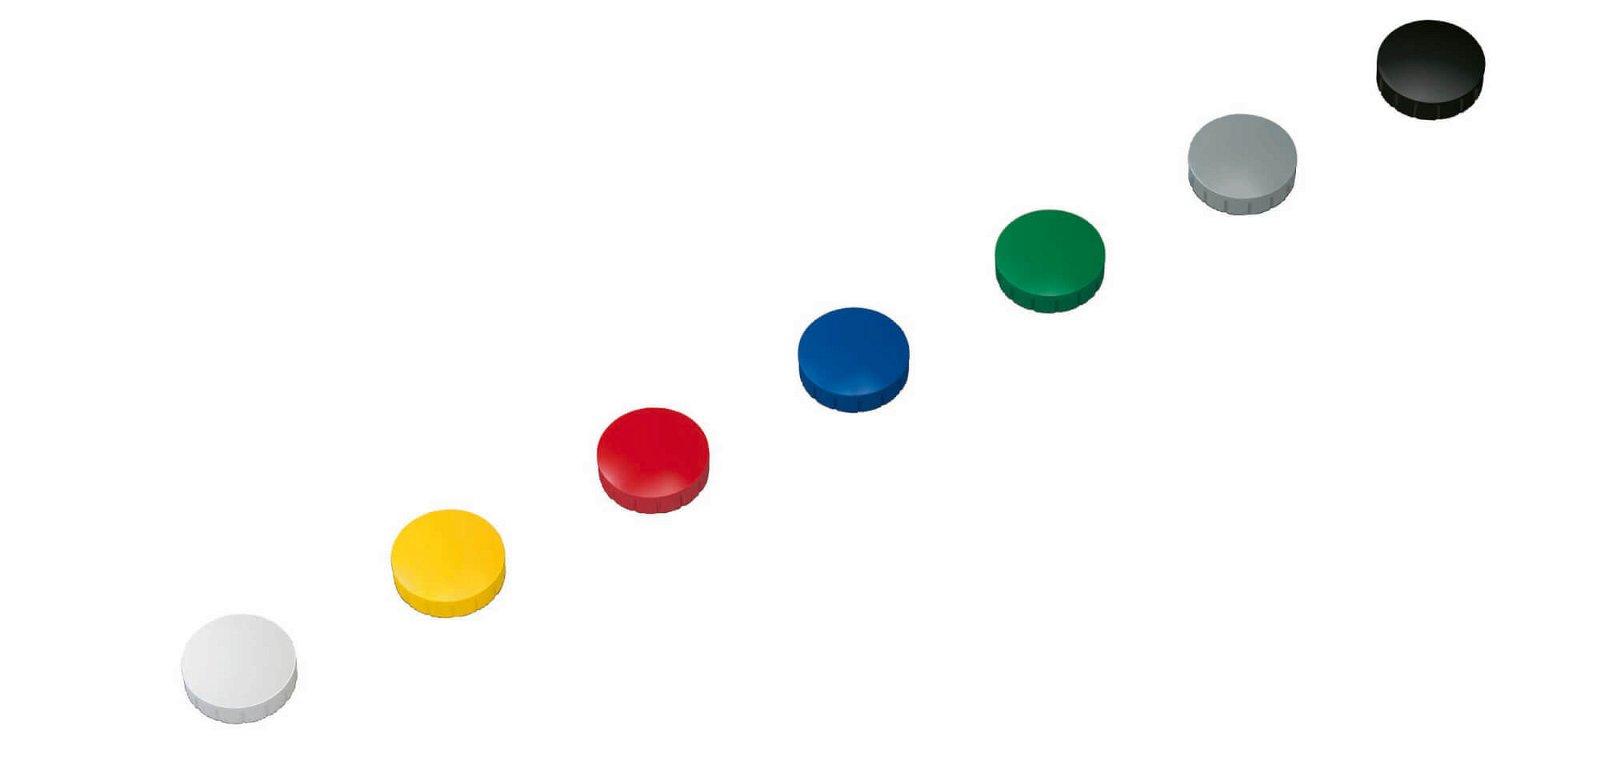 Magnet MAULsolid Ø 24 mm, 0,6 kg Haftkraft, 10 St./Ktn., farbig sortiert